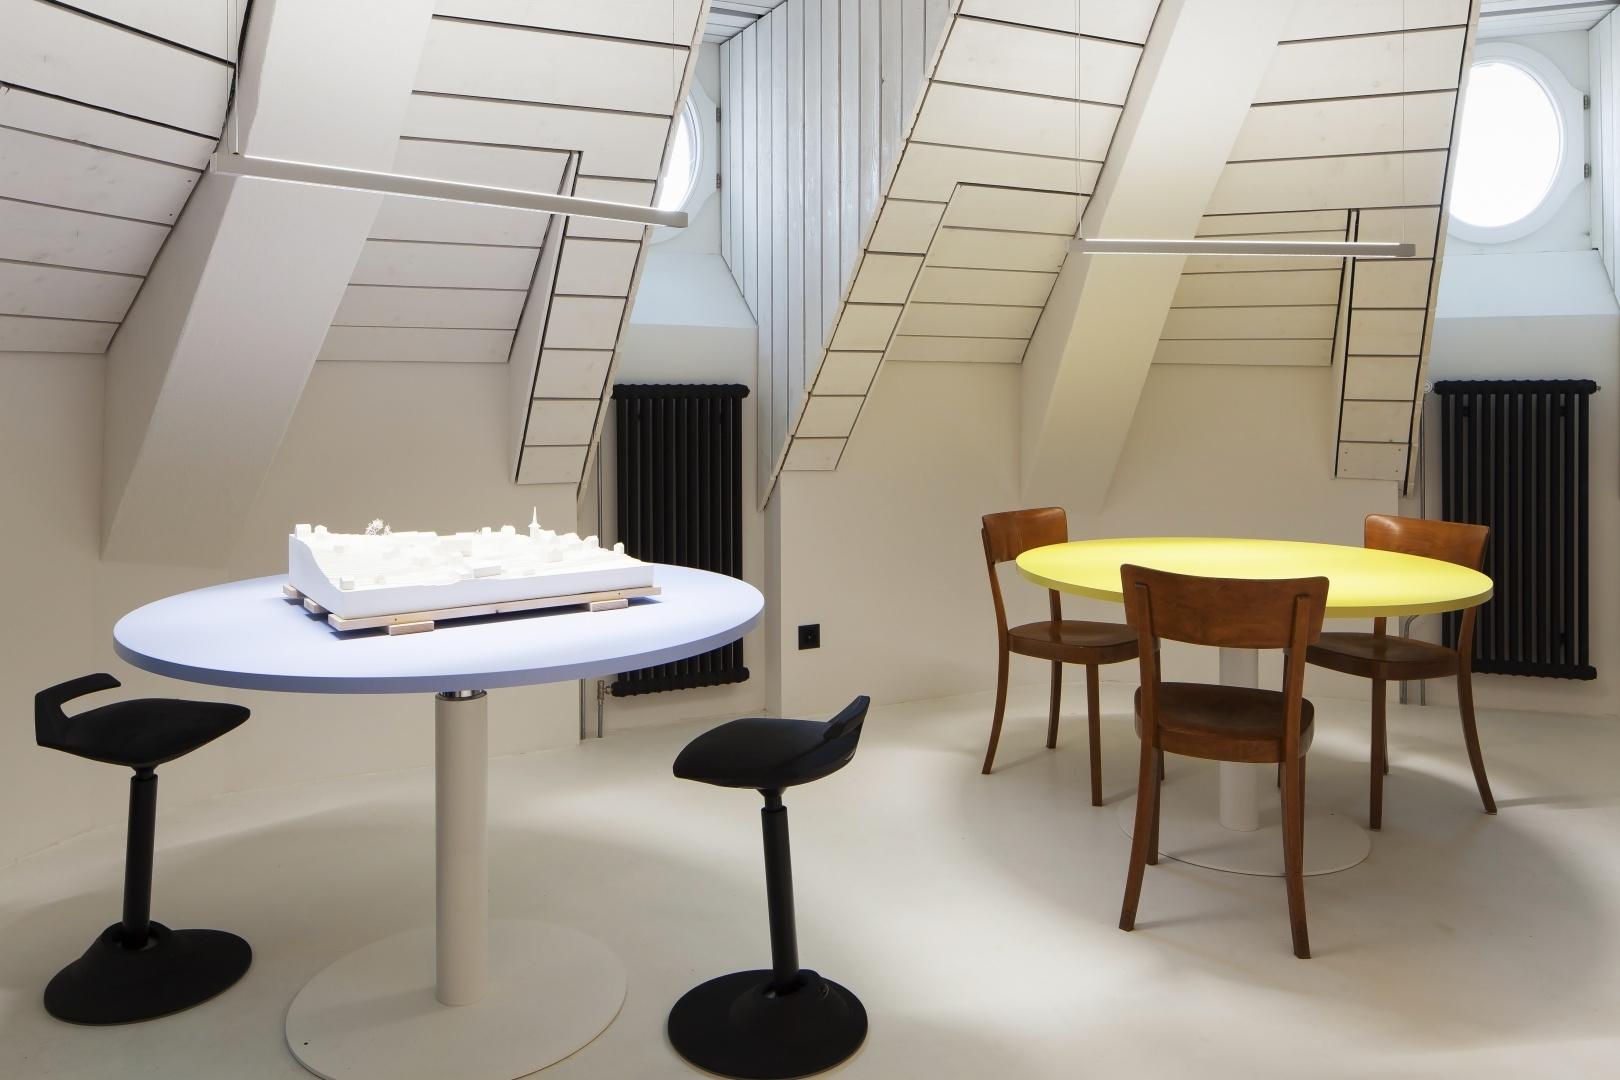 Arbeitsbereich mit höhenverstellbaren Tischen © Architektur Ateler Ducret | Fotograf Jürg Knuchel